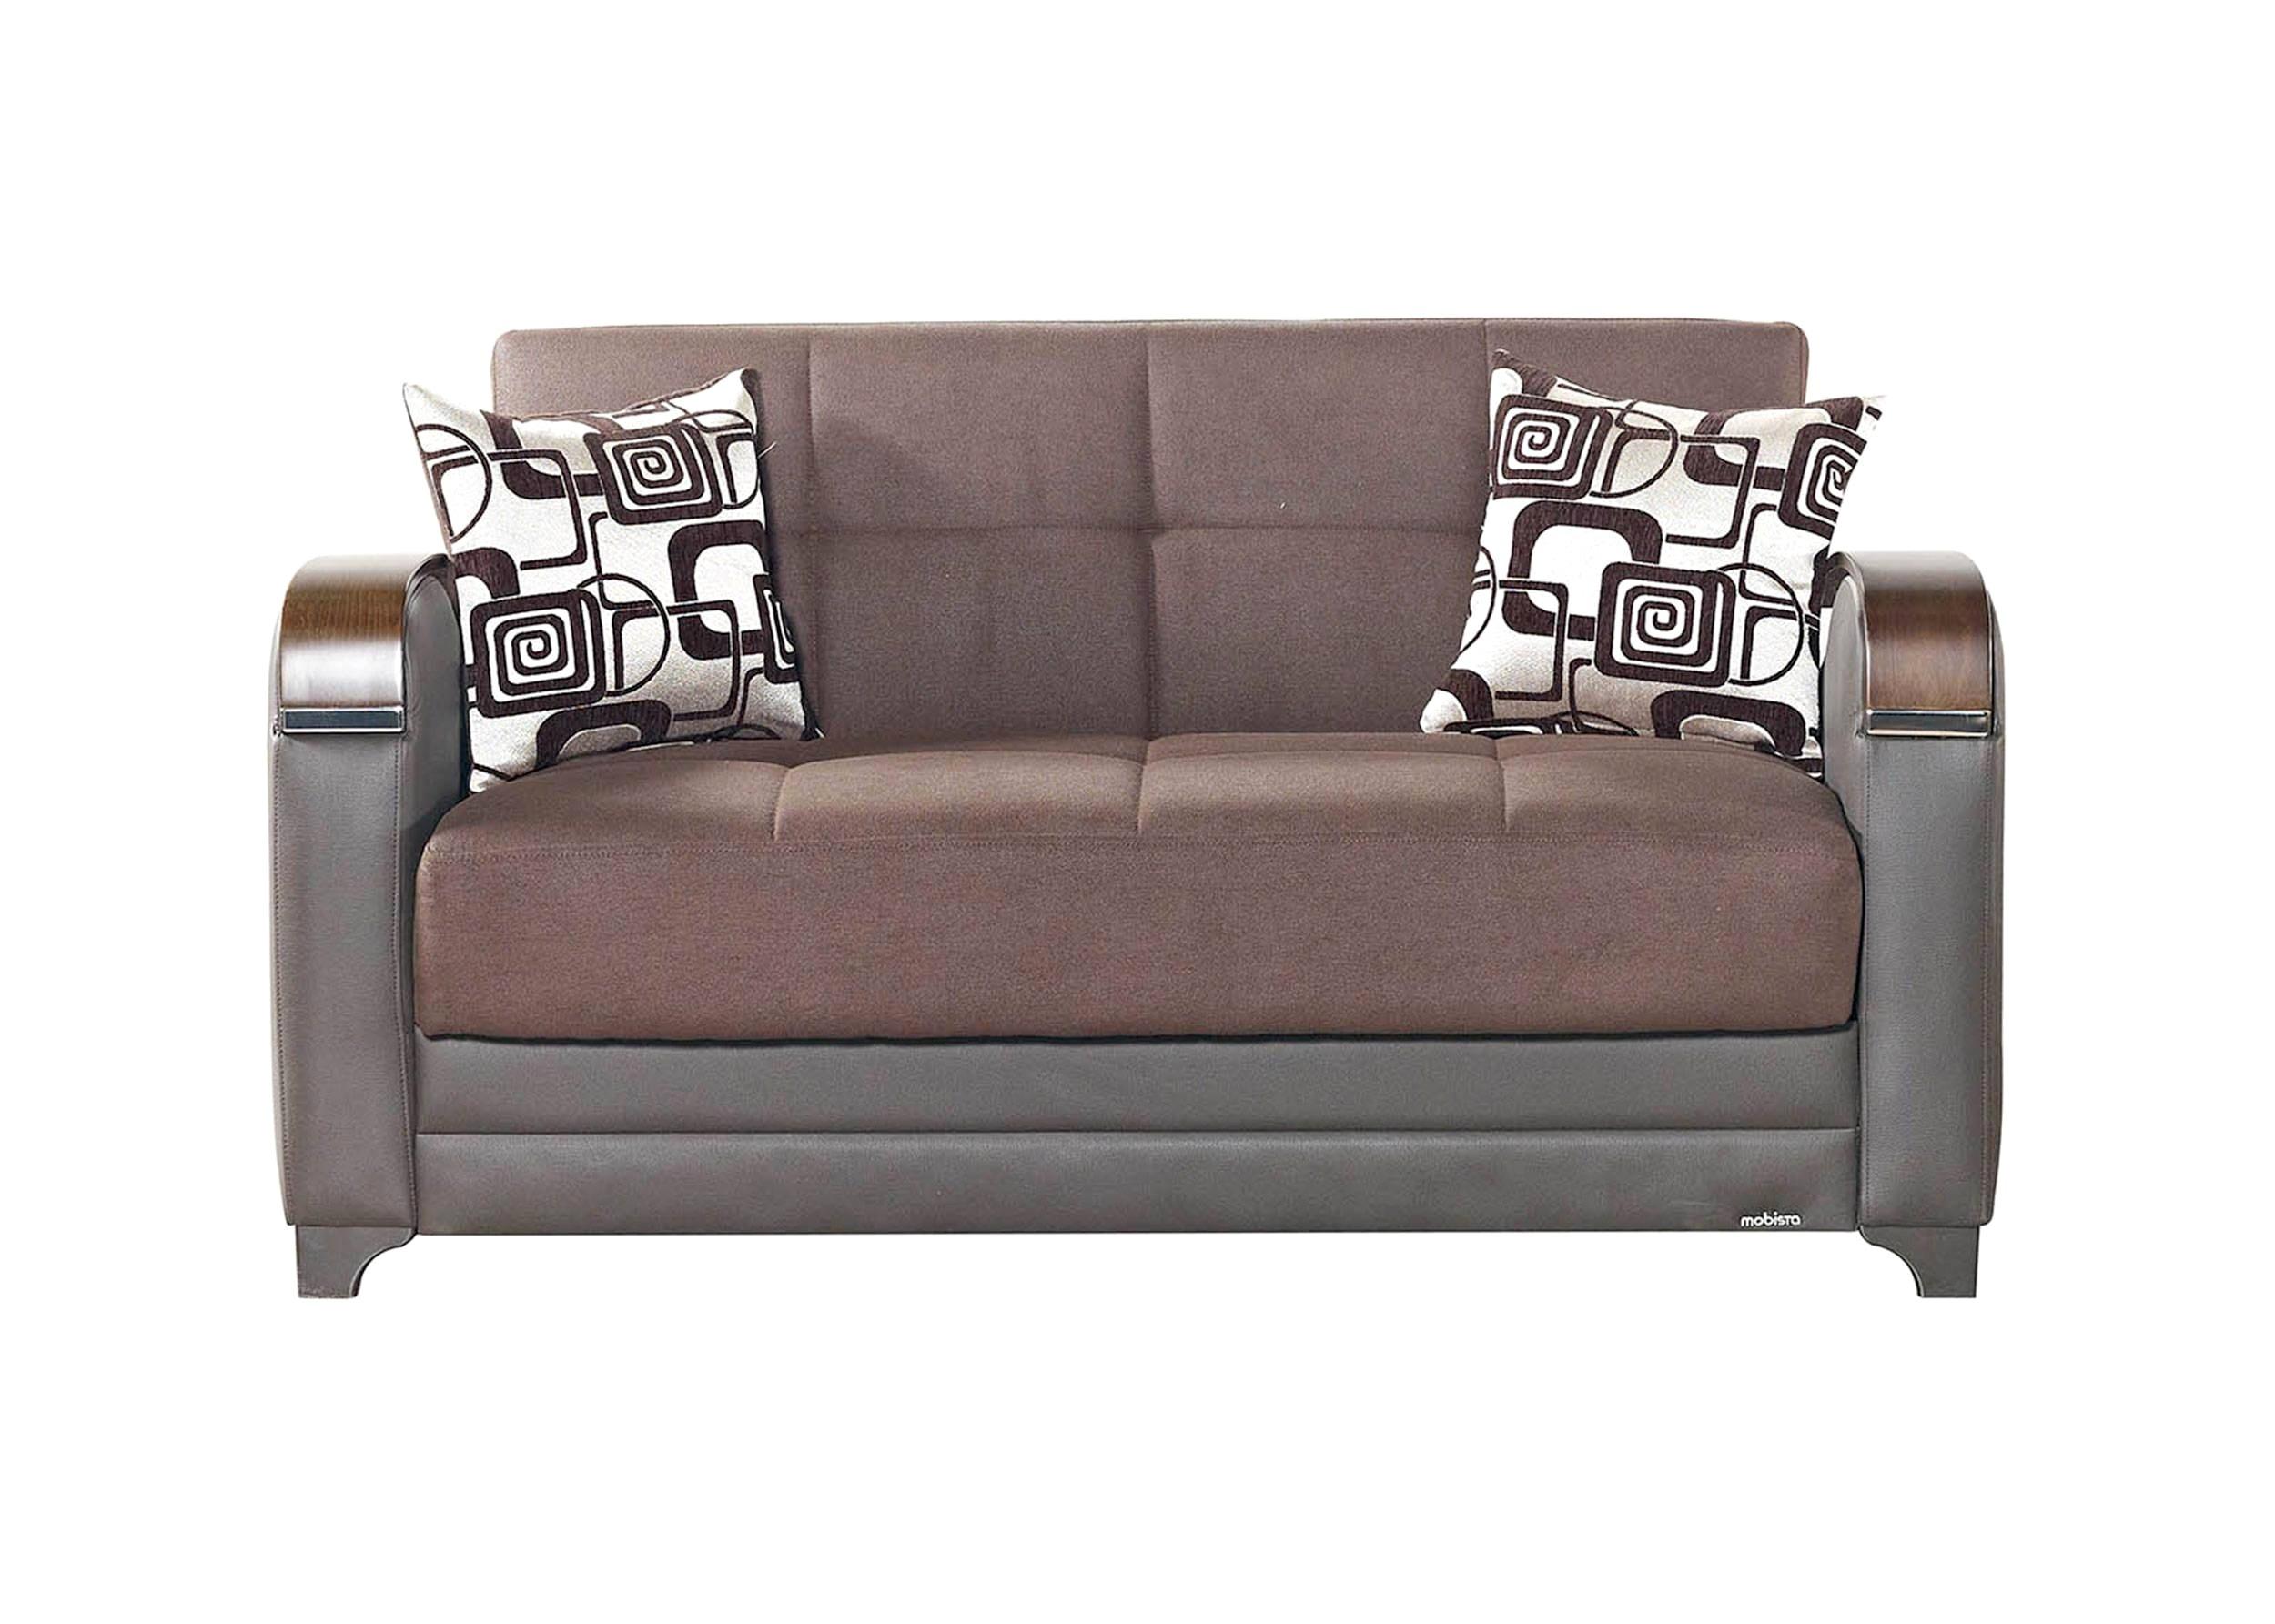 Alinea Canape Angle Nouveau Galerie Conforama sofas Best Canapé D Angle Gauche Convertible 5 Places Noah